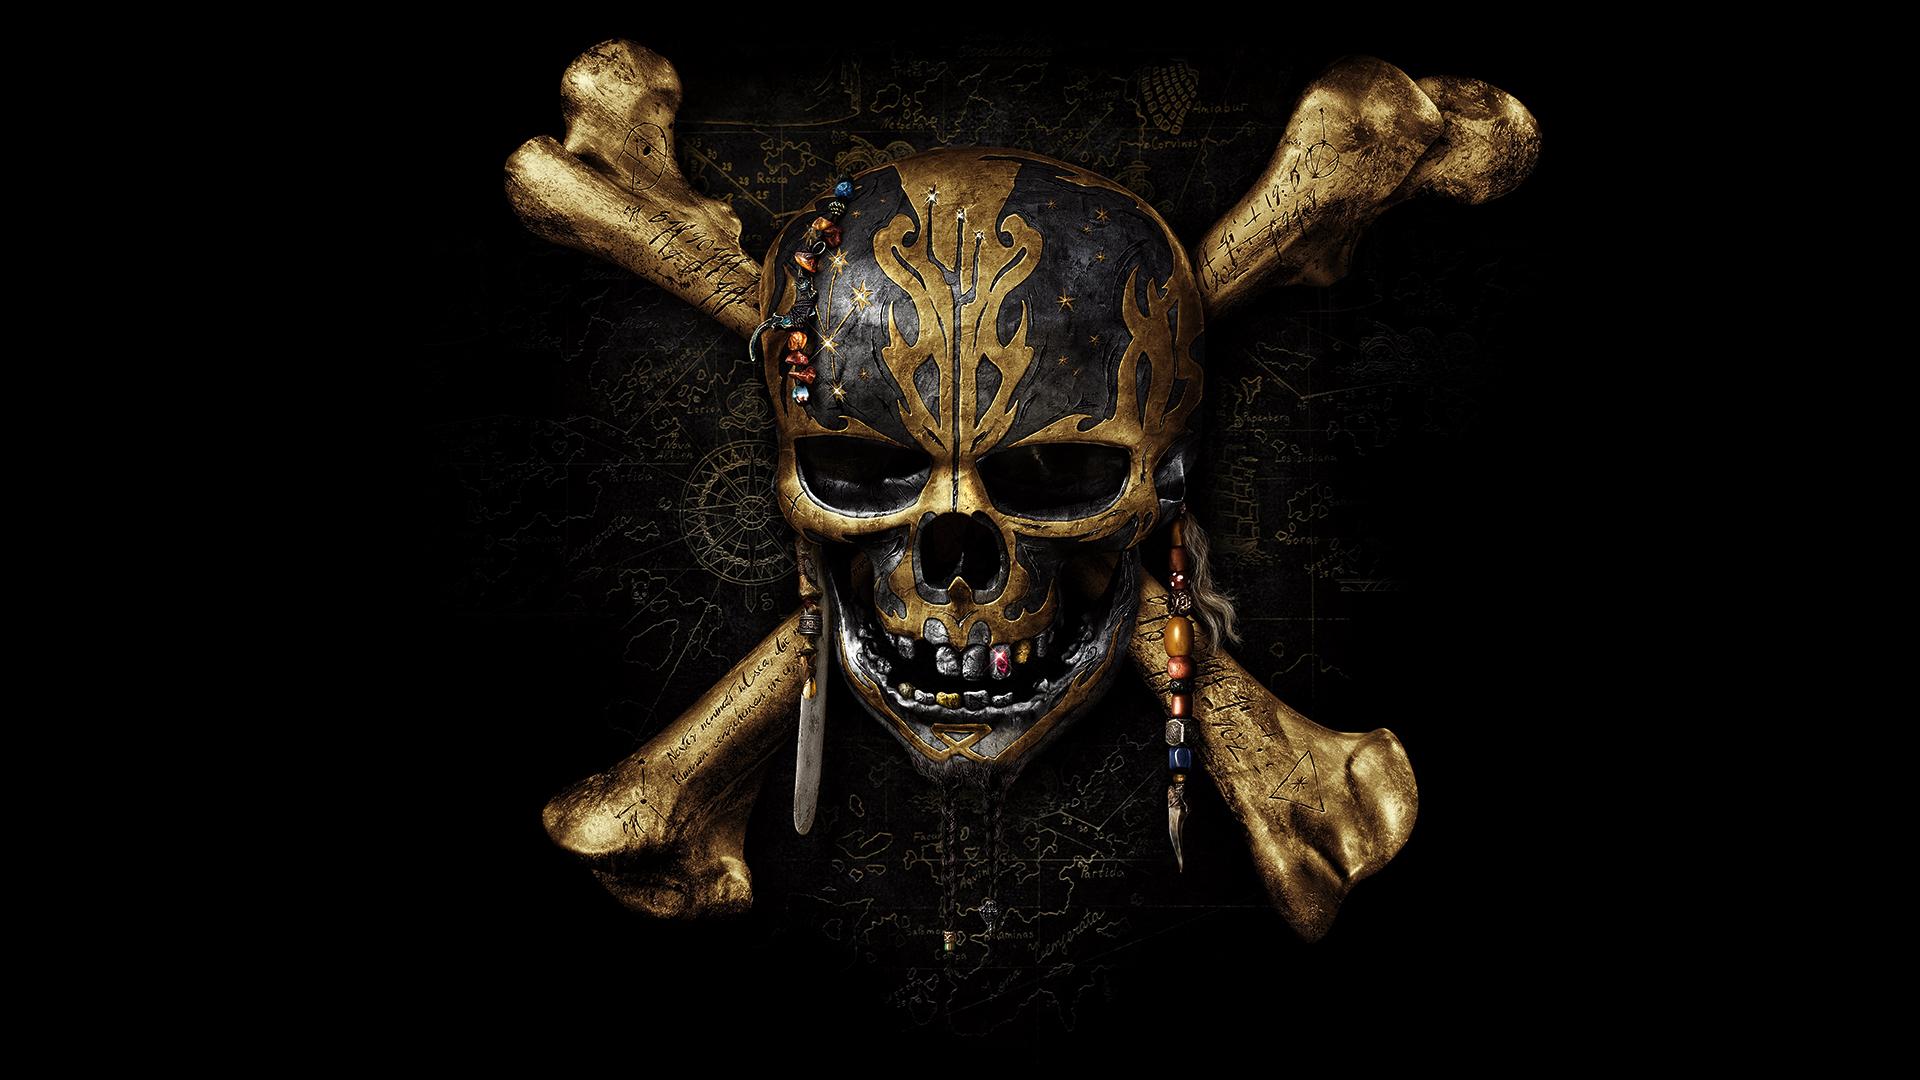 Trailer Piratas del Caribe 5 La Venganza de Salazar, Sinopsis